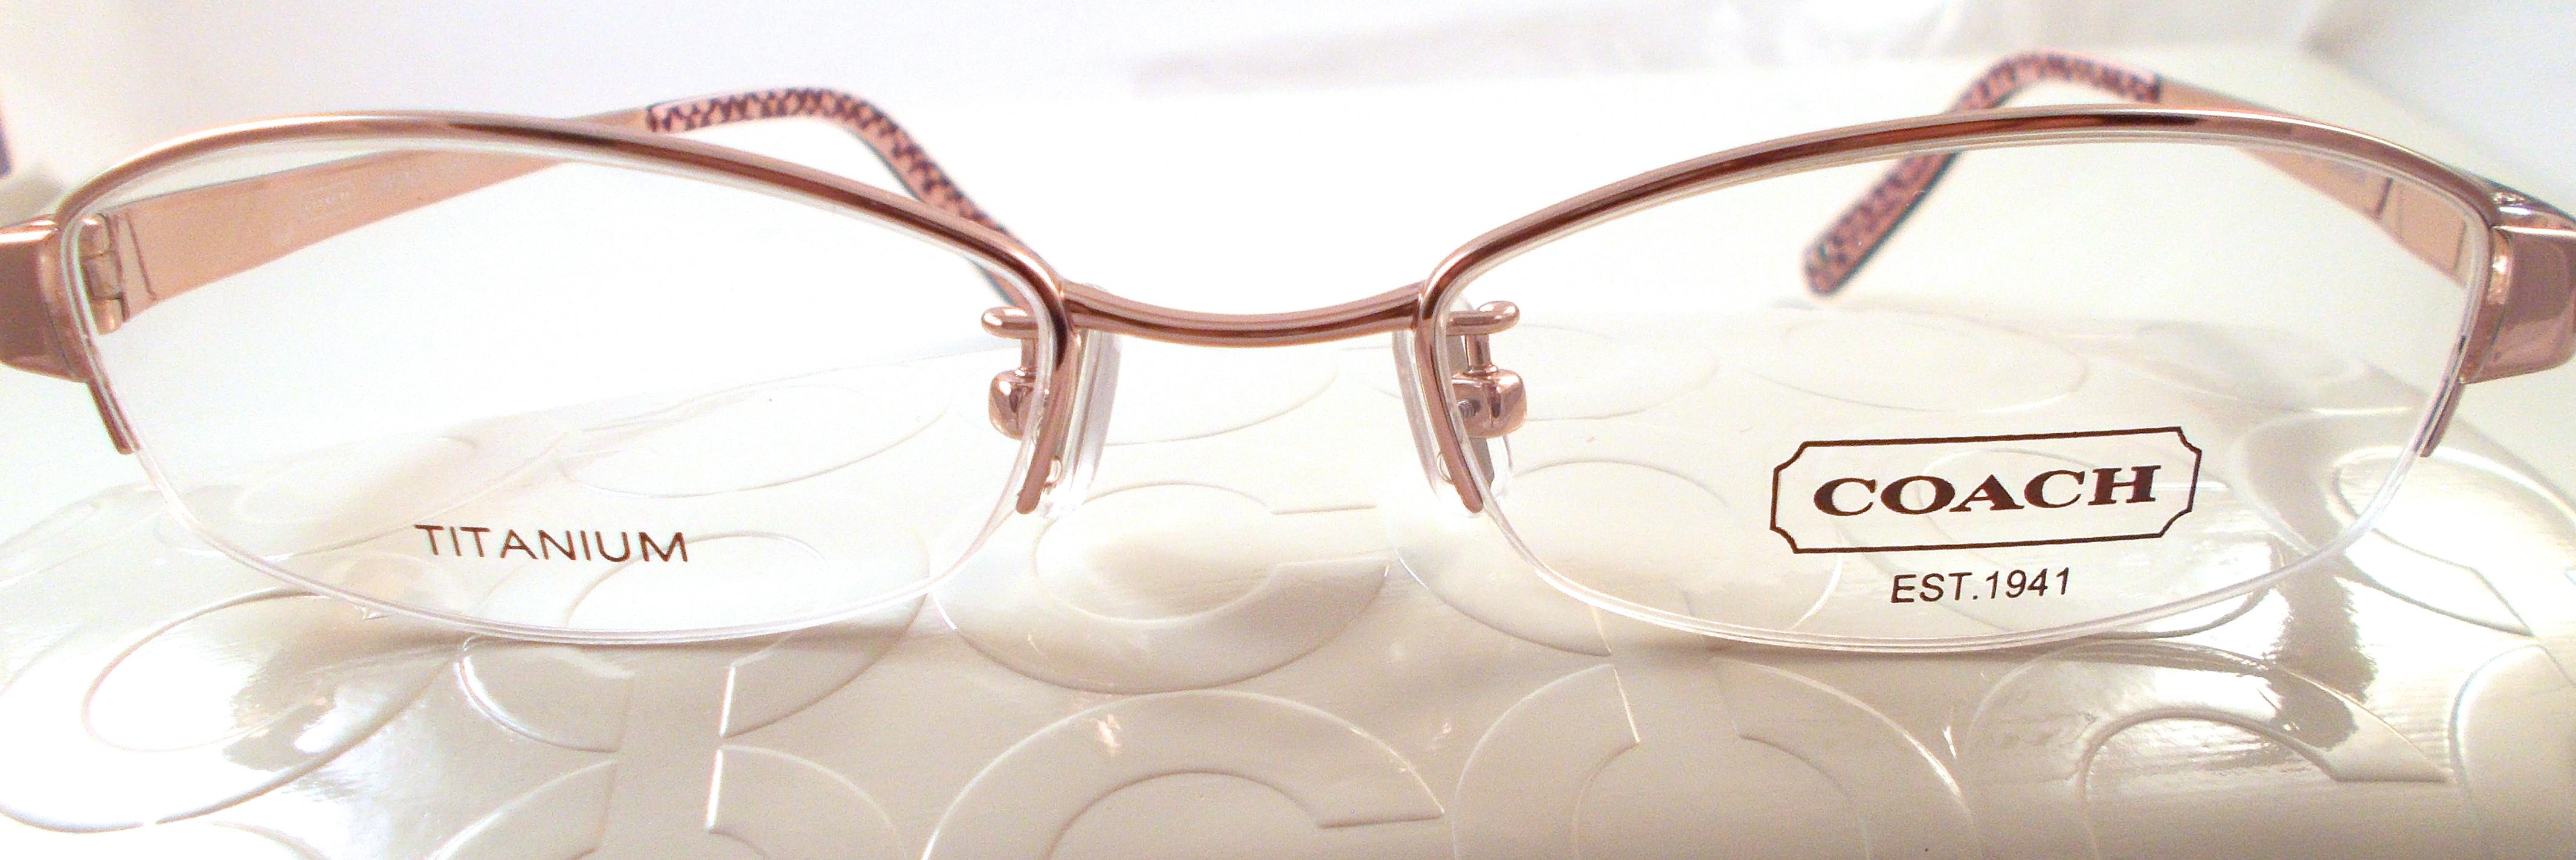 Coach Ladies Eyeglass Frames : Coach Womens Virginia (489f) Eyewear on Storenvy